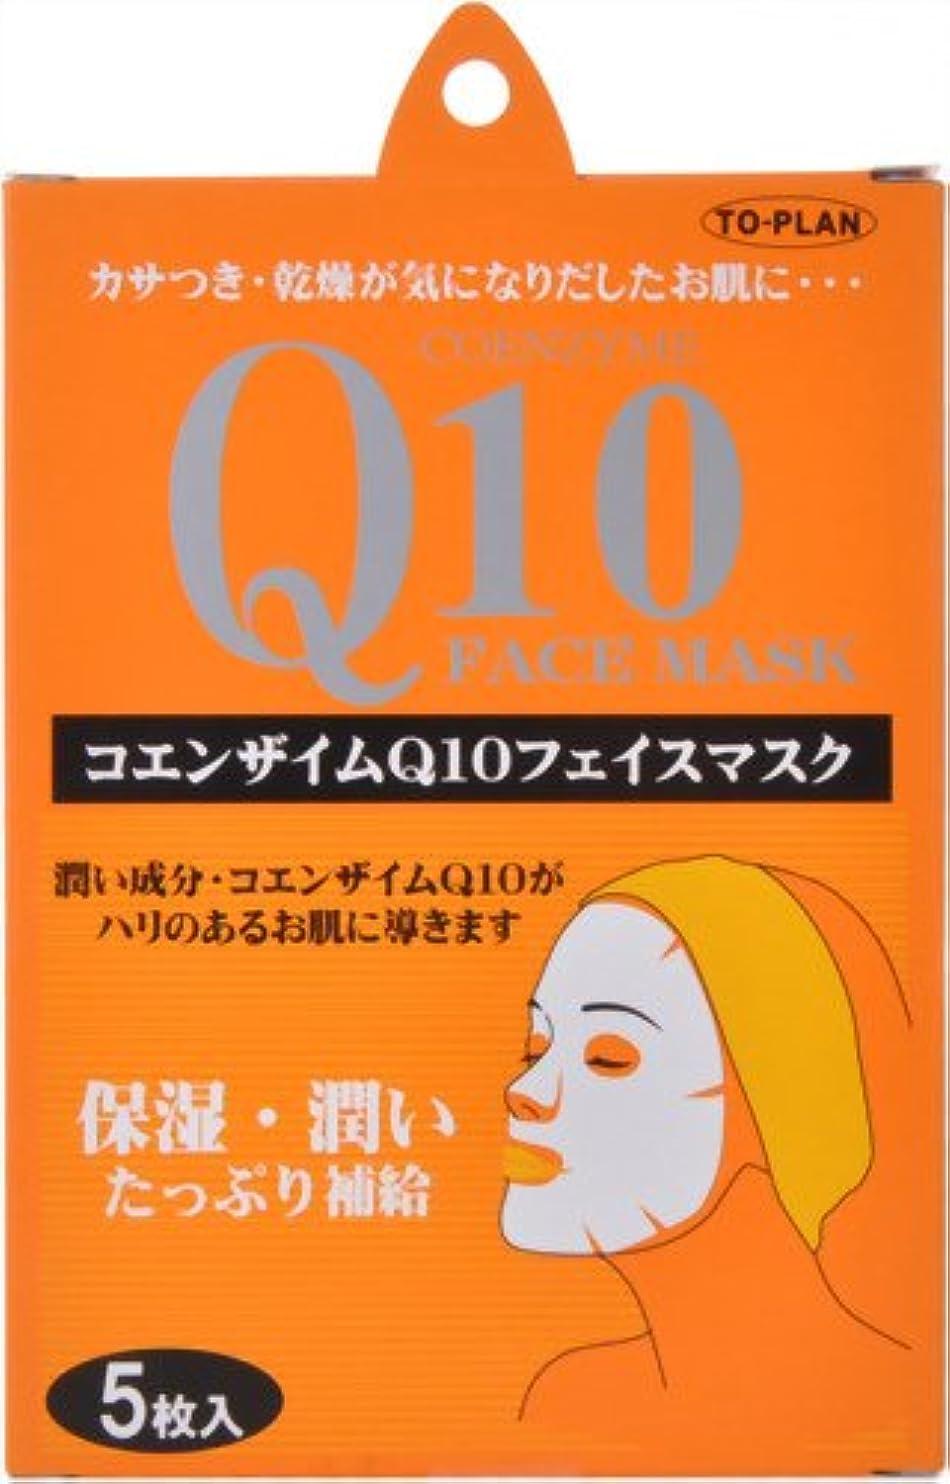 減る不正釈義TO-PLAN(トプラン) Q10フェイスマスク 5枚入り